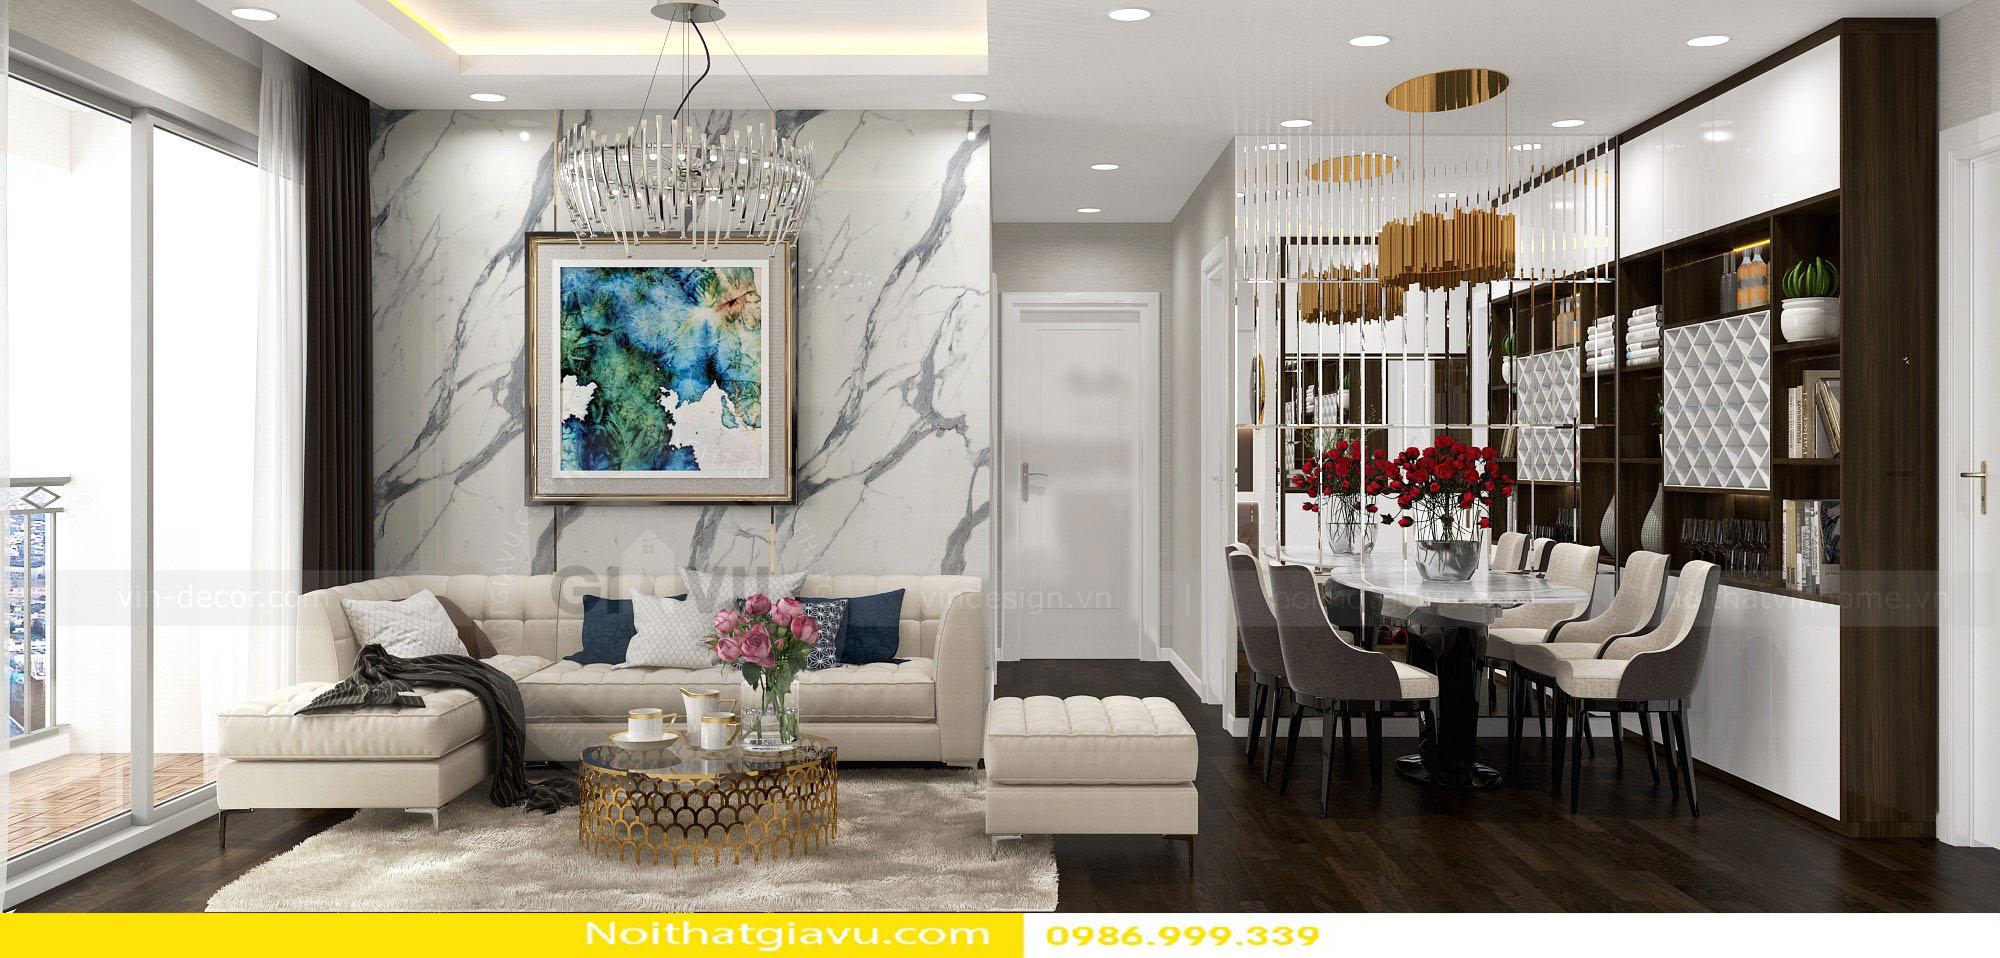 thiết kế nội thất chung cư và phong cách thiết kế 01